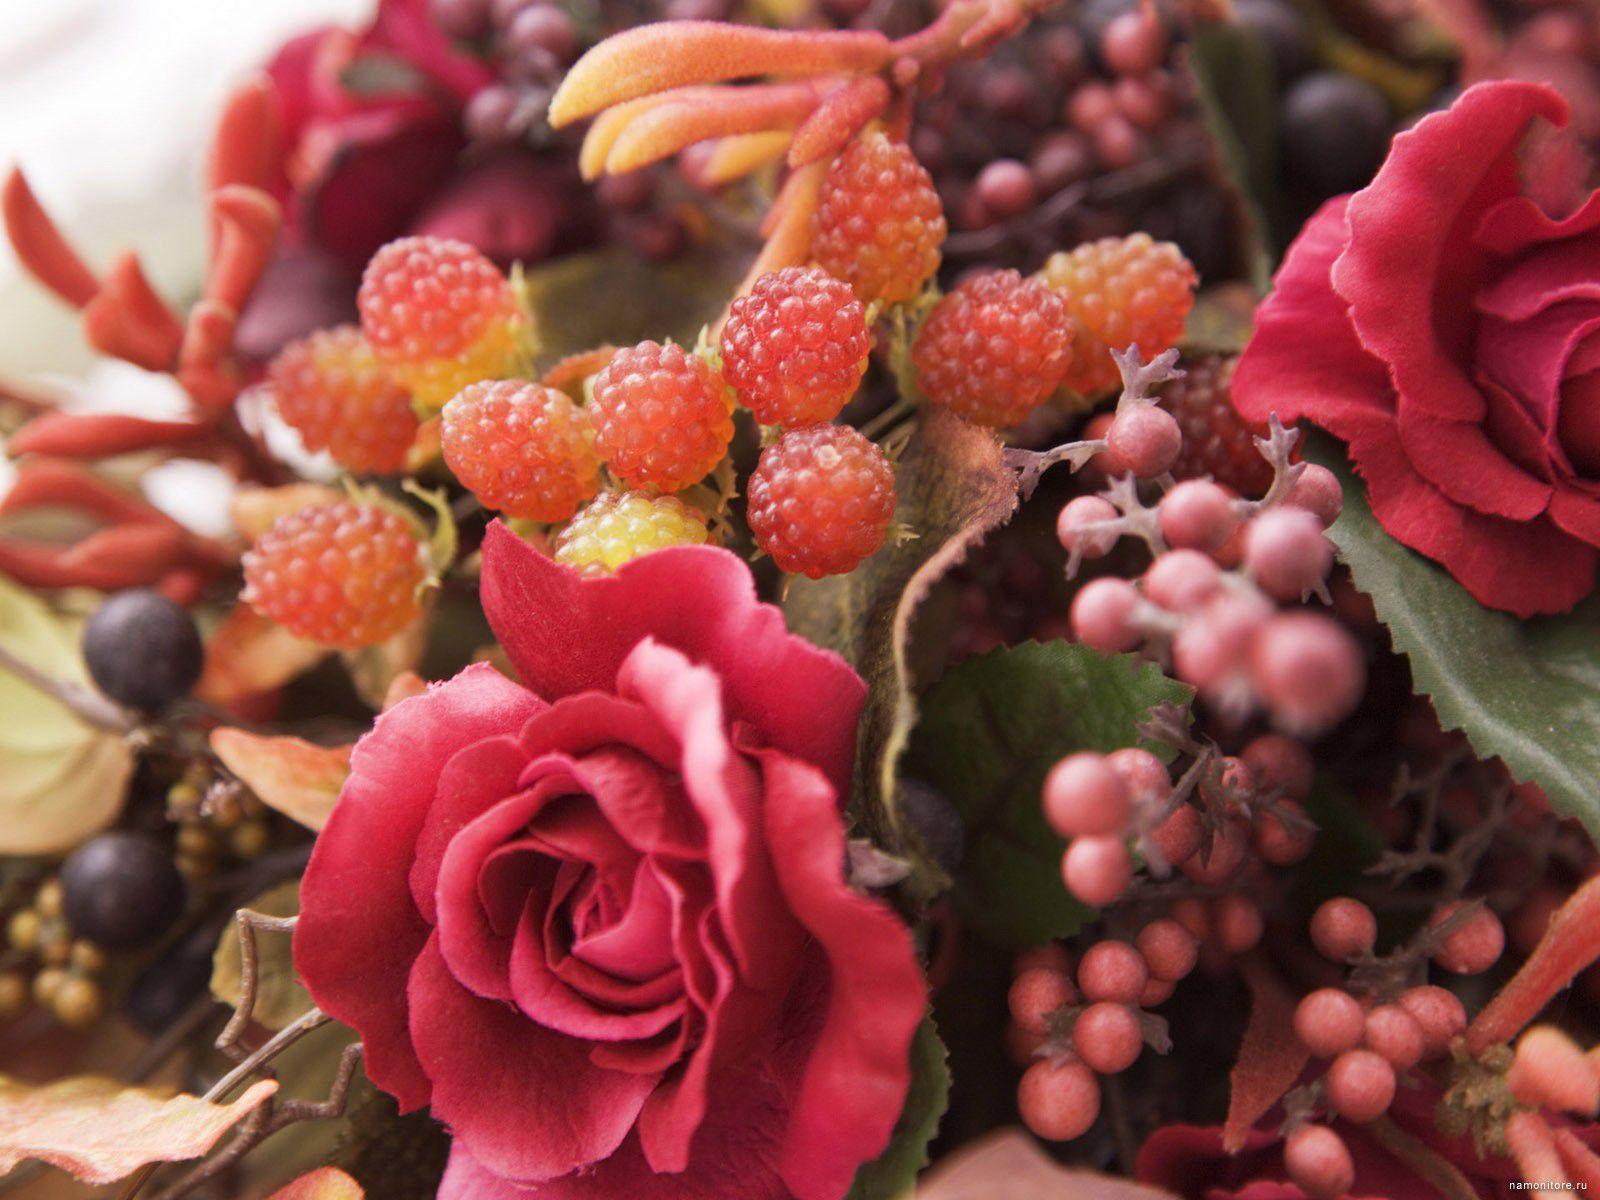 пятнадцать минут букет из ягод и цветов картинки красивые соединении звездой